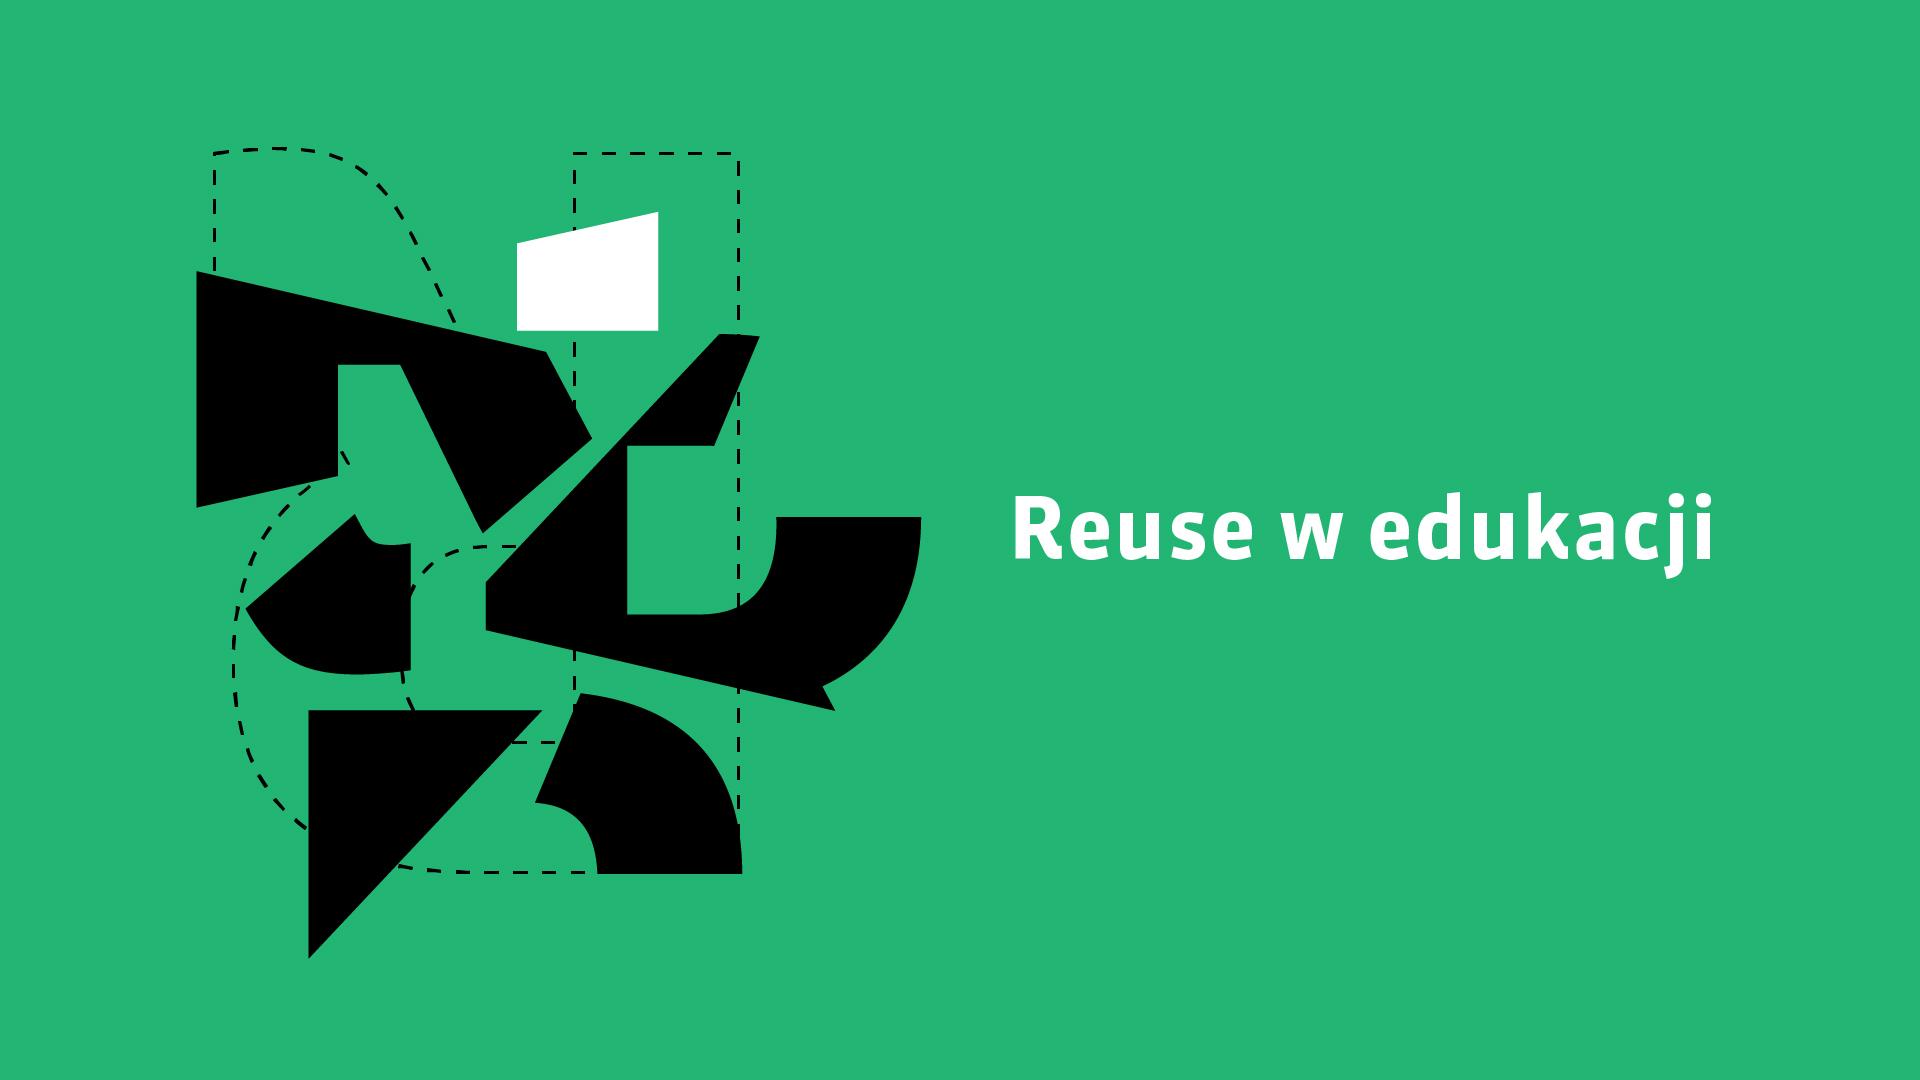 plakat zapowiadający publikację Reuse w edukacji